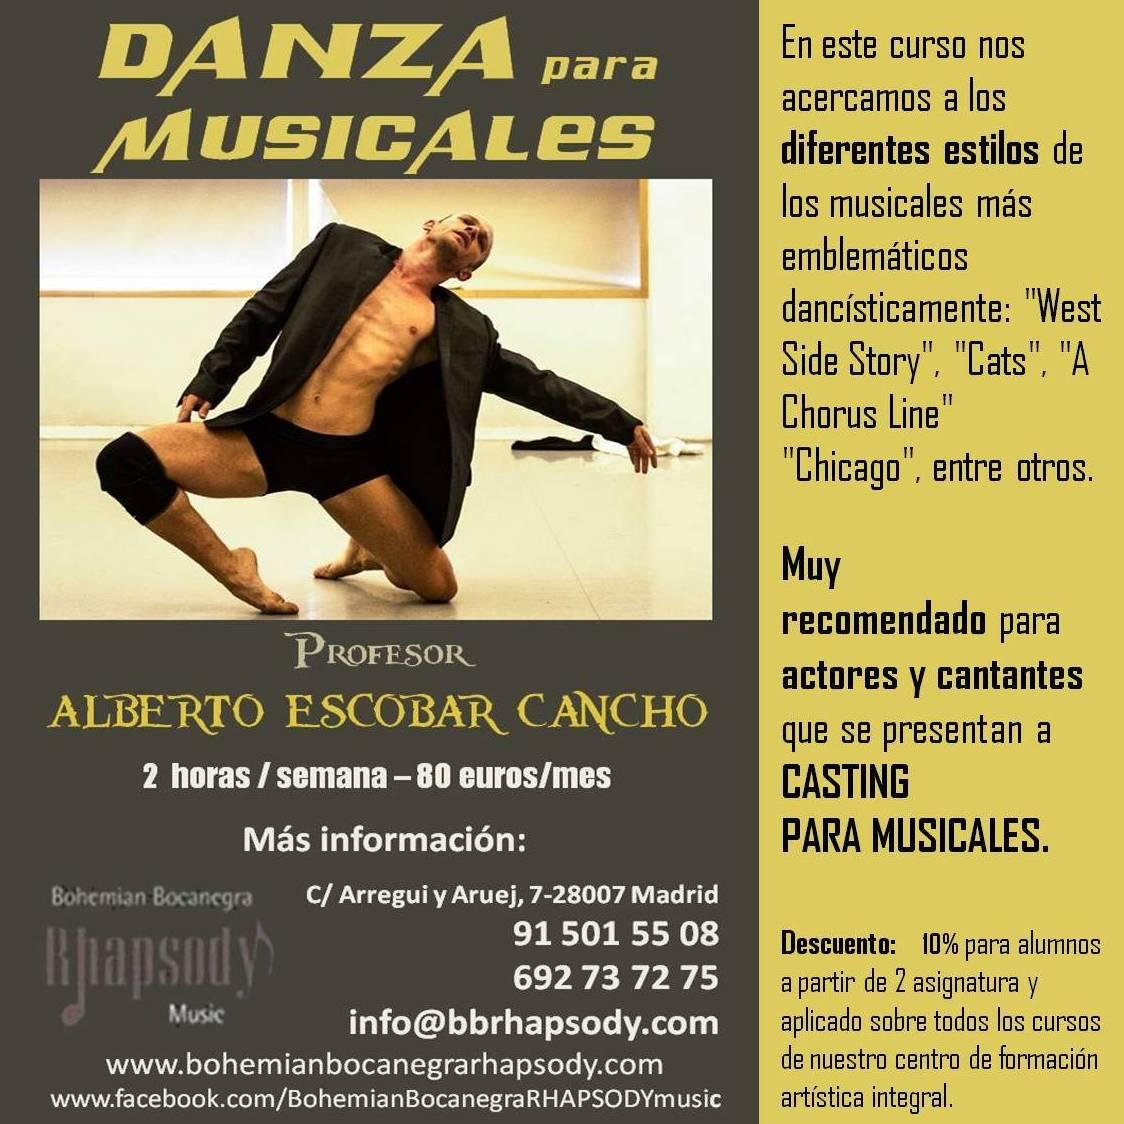 DANZA MUSICALES con ALBERTO ESCOBAR CANCHO